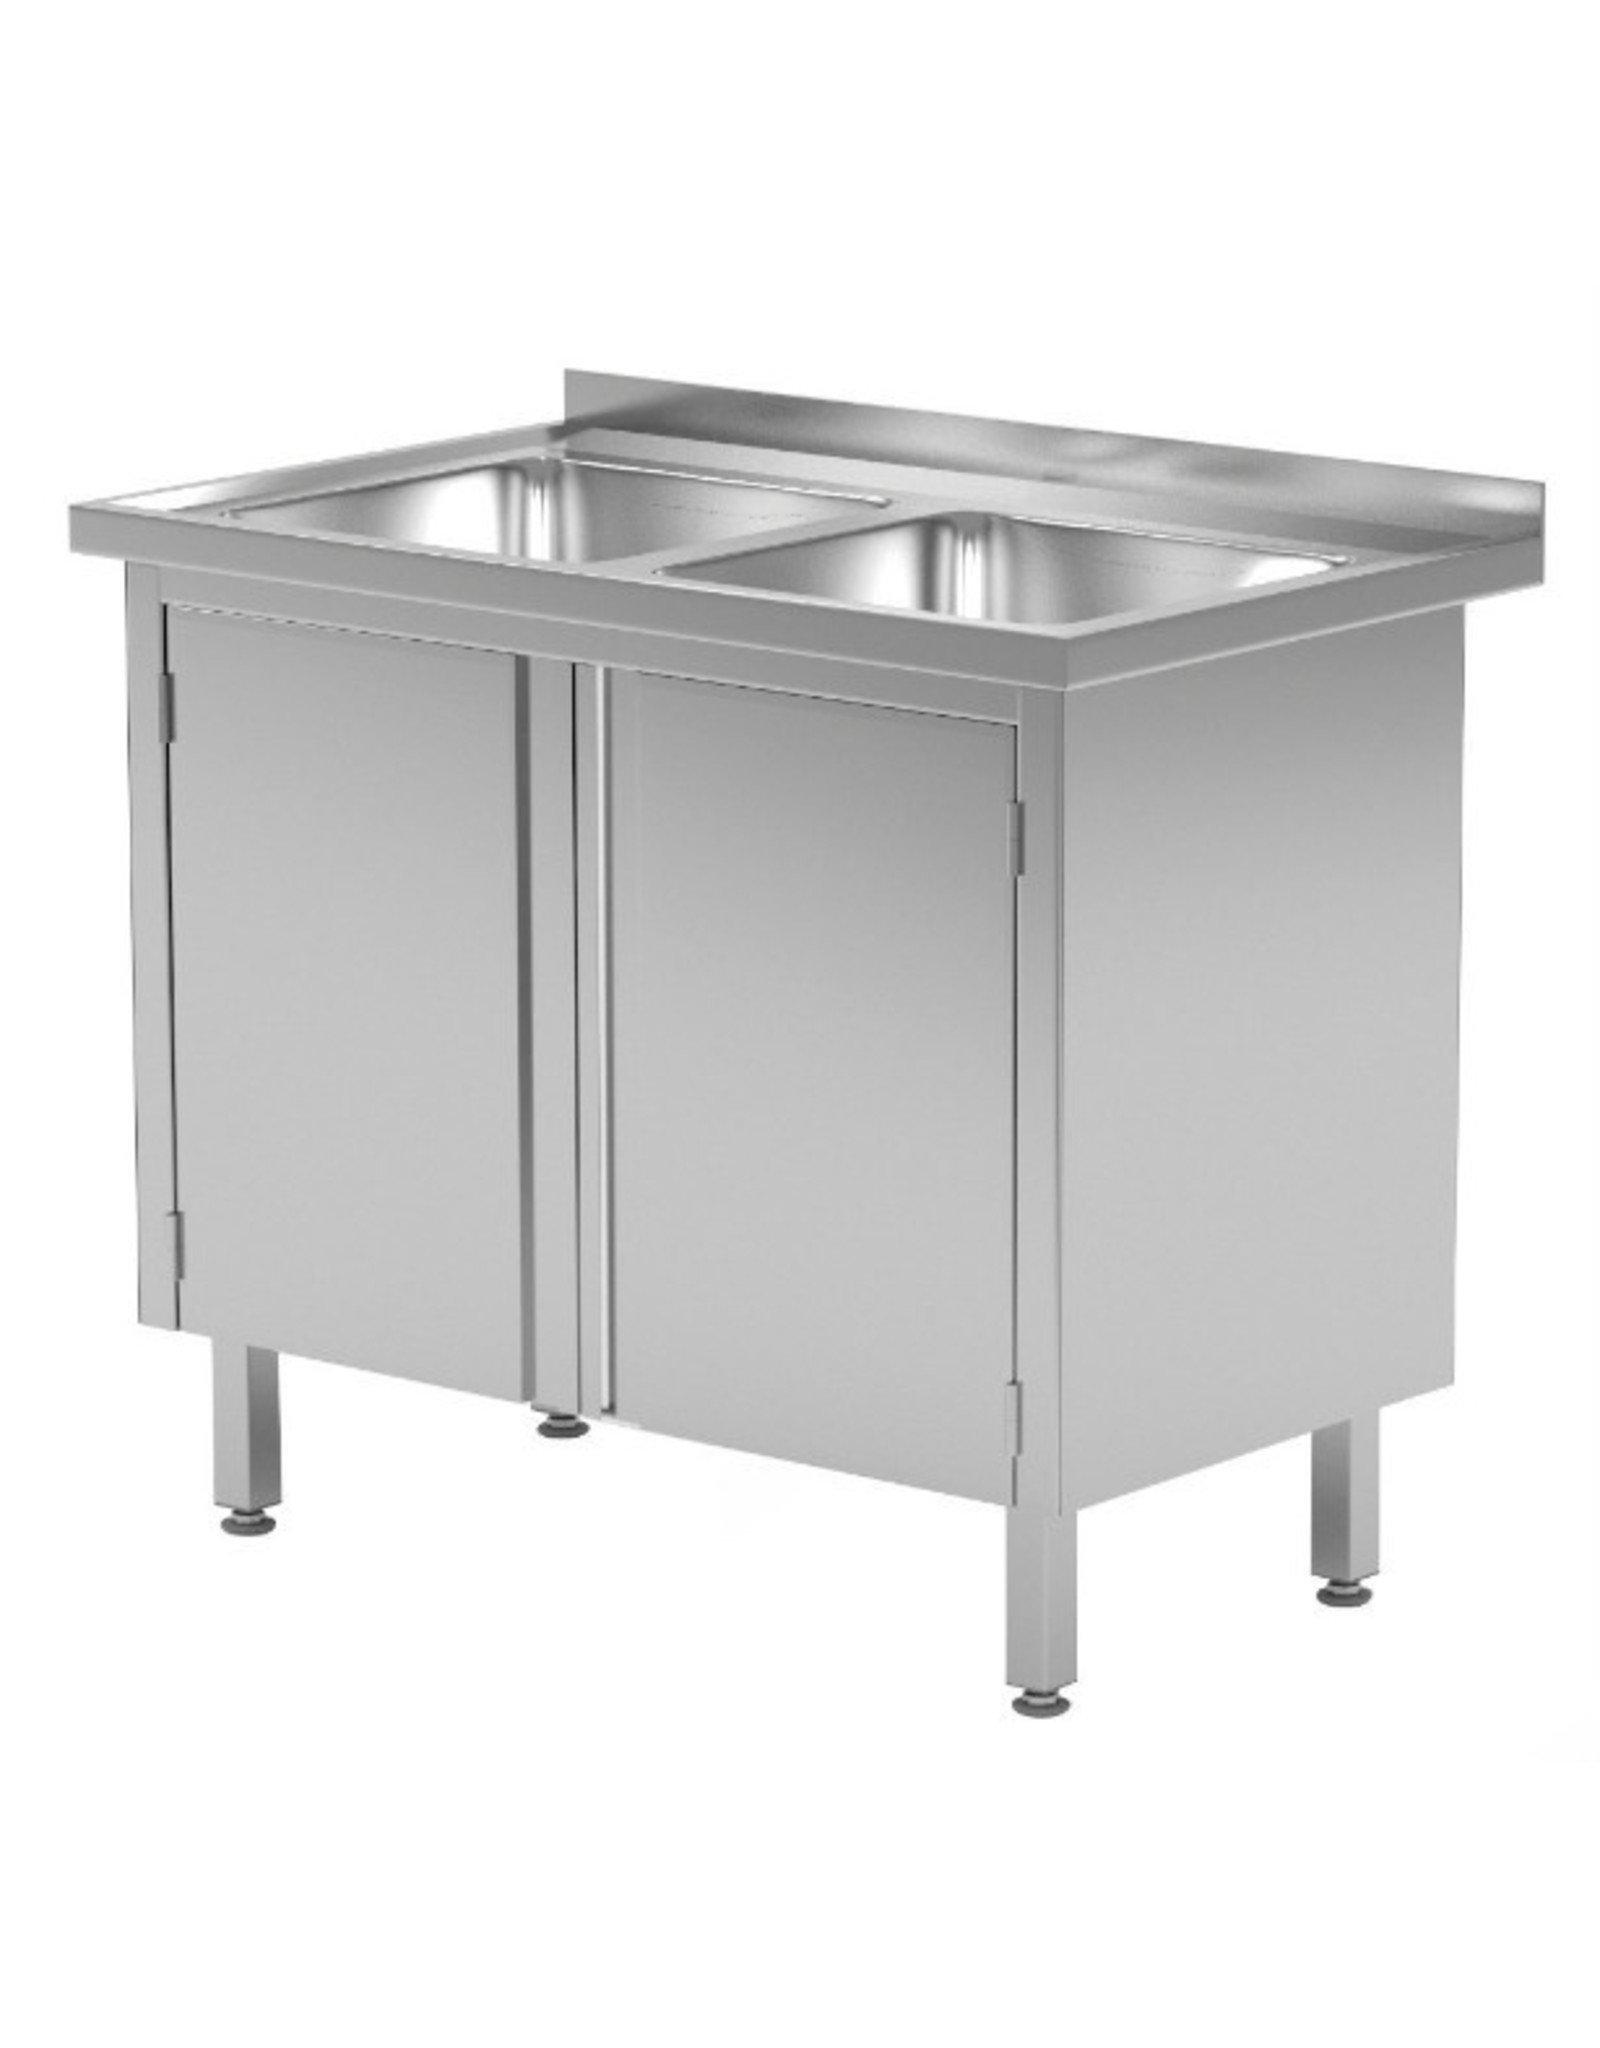 Spoeltafel met kast met klapdeuren | 2 spoelbakken | 1000mm breed | 600 of 700mm diep